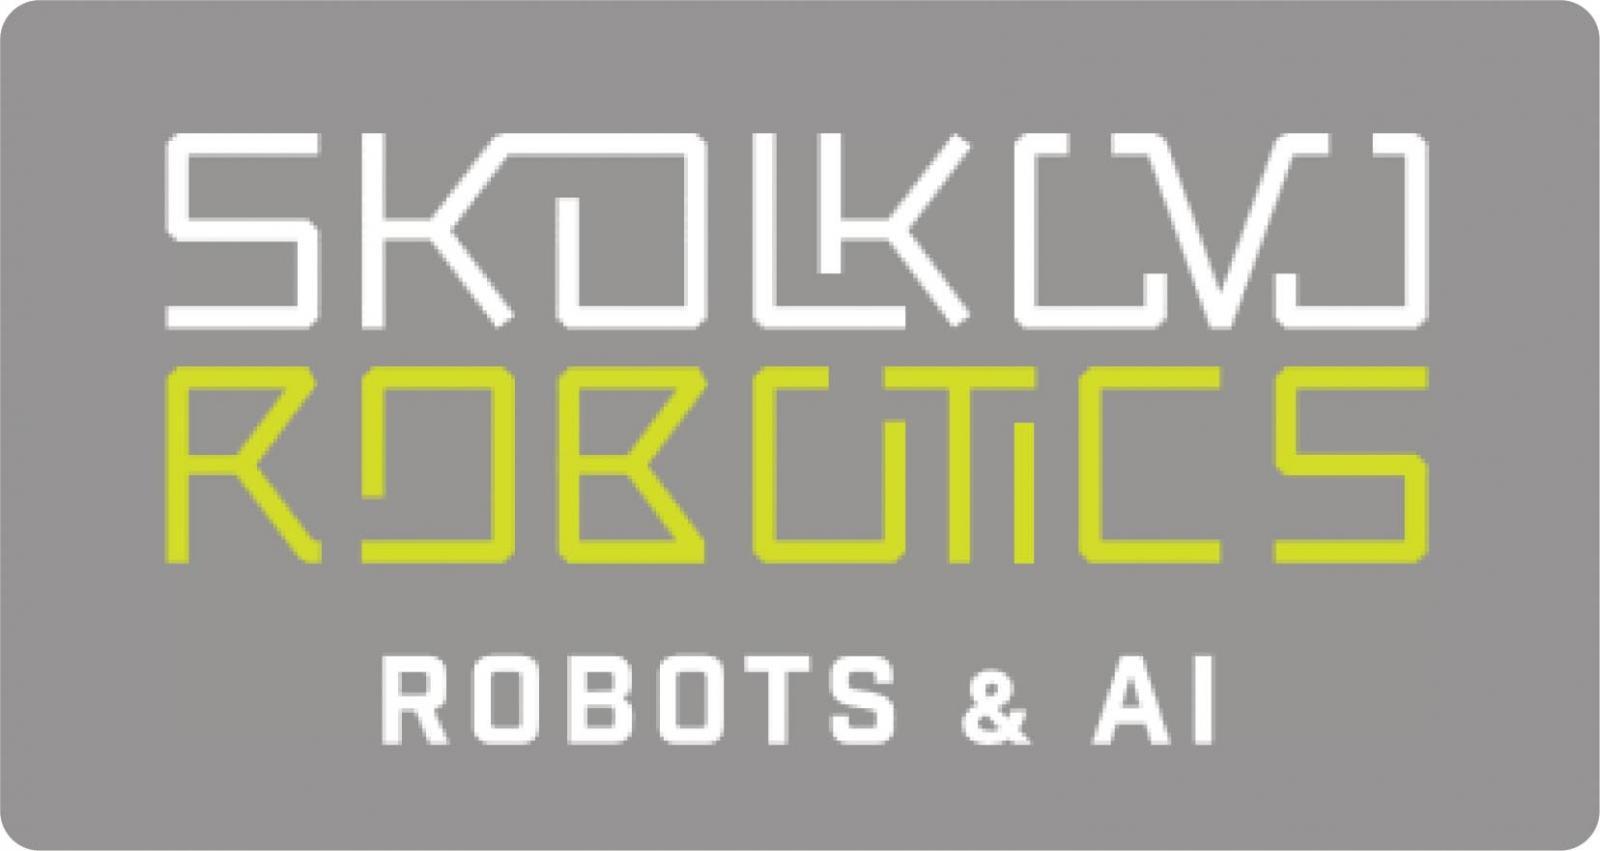 Сбербанк представил свои новейшие разработки на форуме Skolkovo Robotics & AI